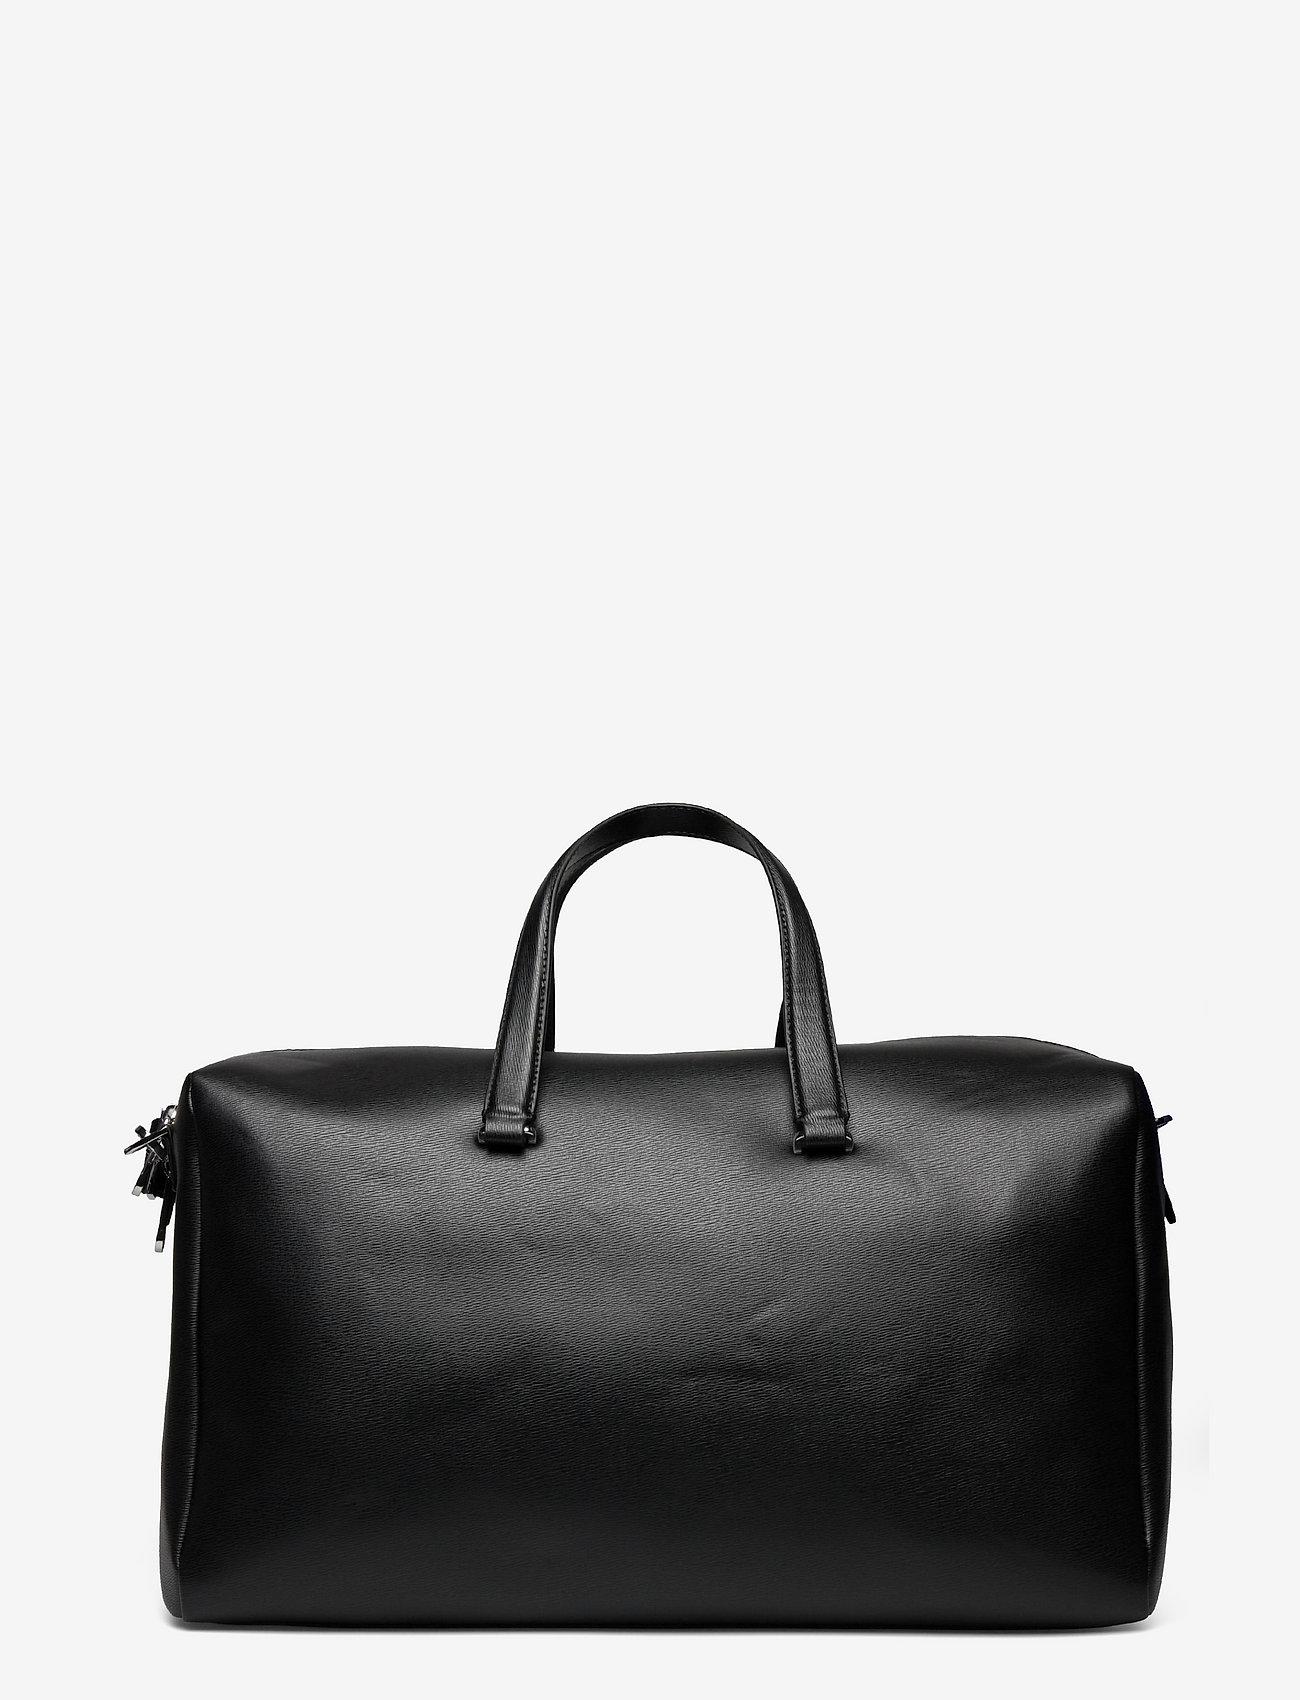 Calvin Klein - MINIMALISM WEEKENDER - gym bags - ck black - 1